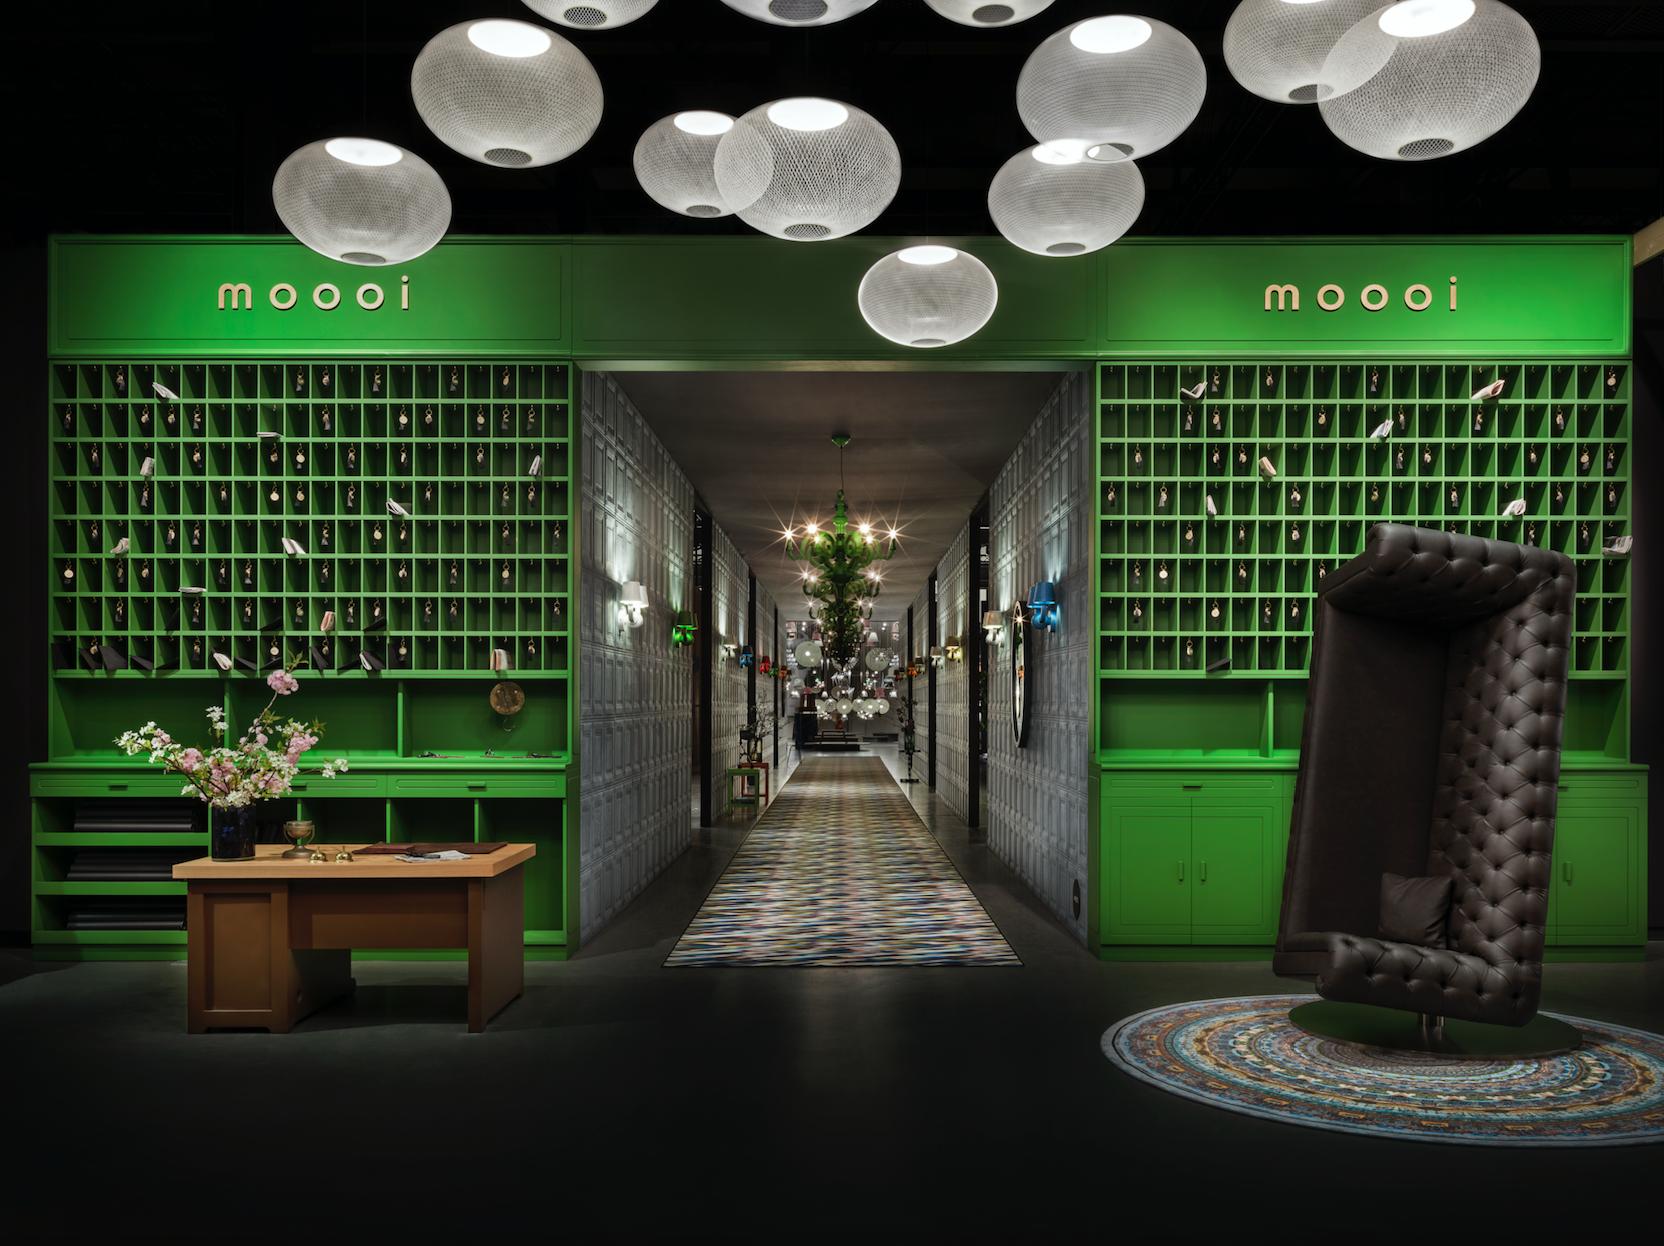 Contemporáneo Salón De Belleza Abierta Una Las 09 A.m. Adorno ...